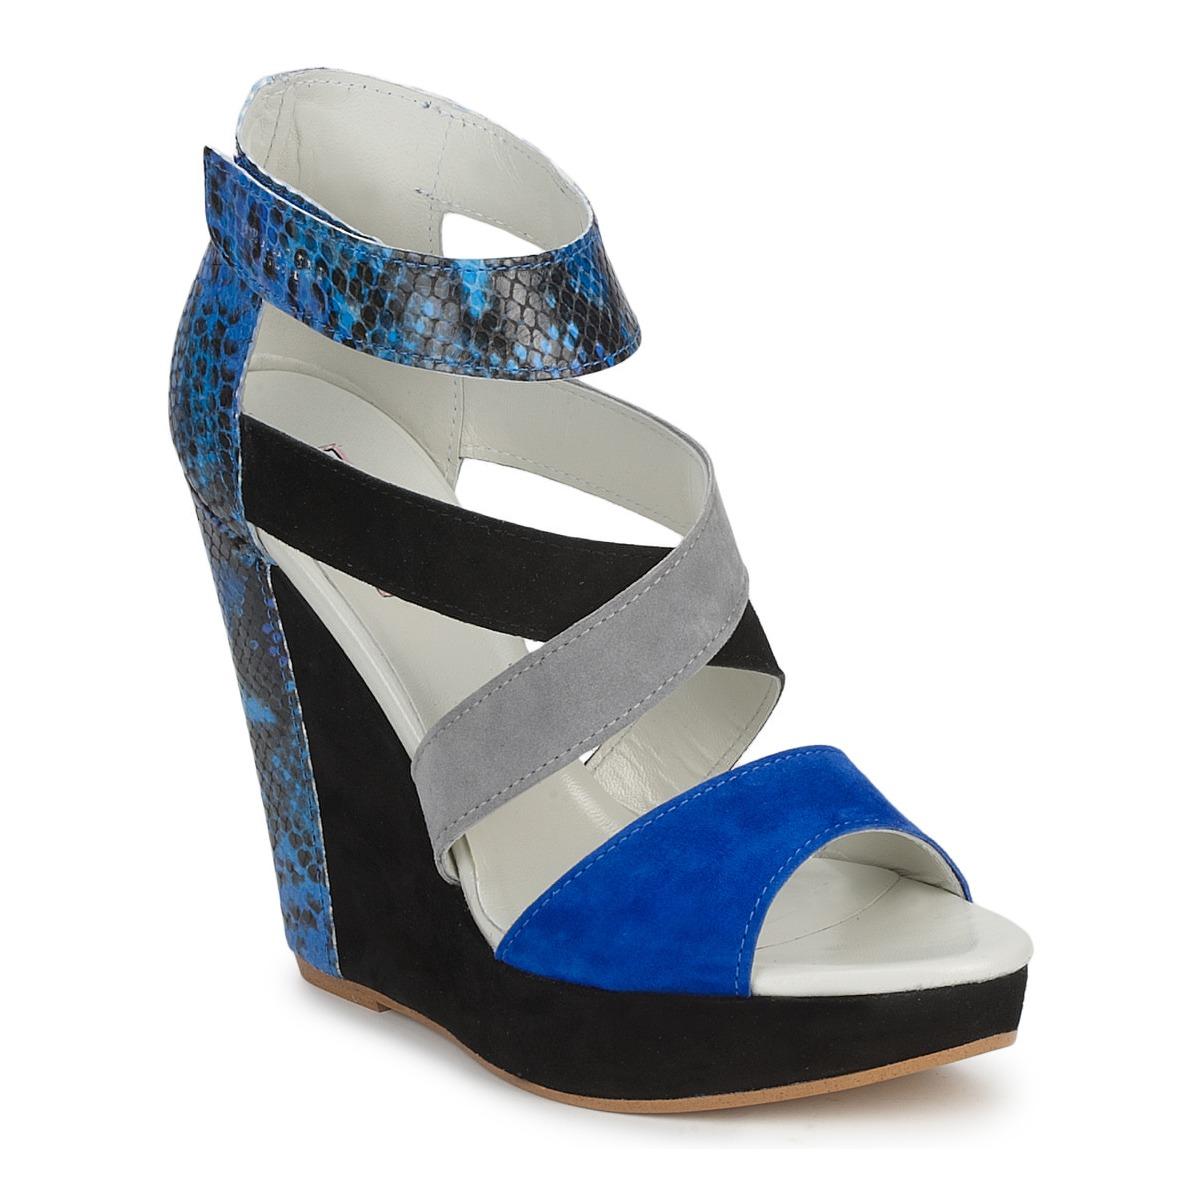 Sandale Serafini CARRY Noir / Bleu / Gris